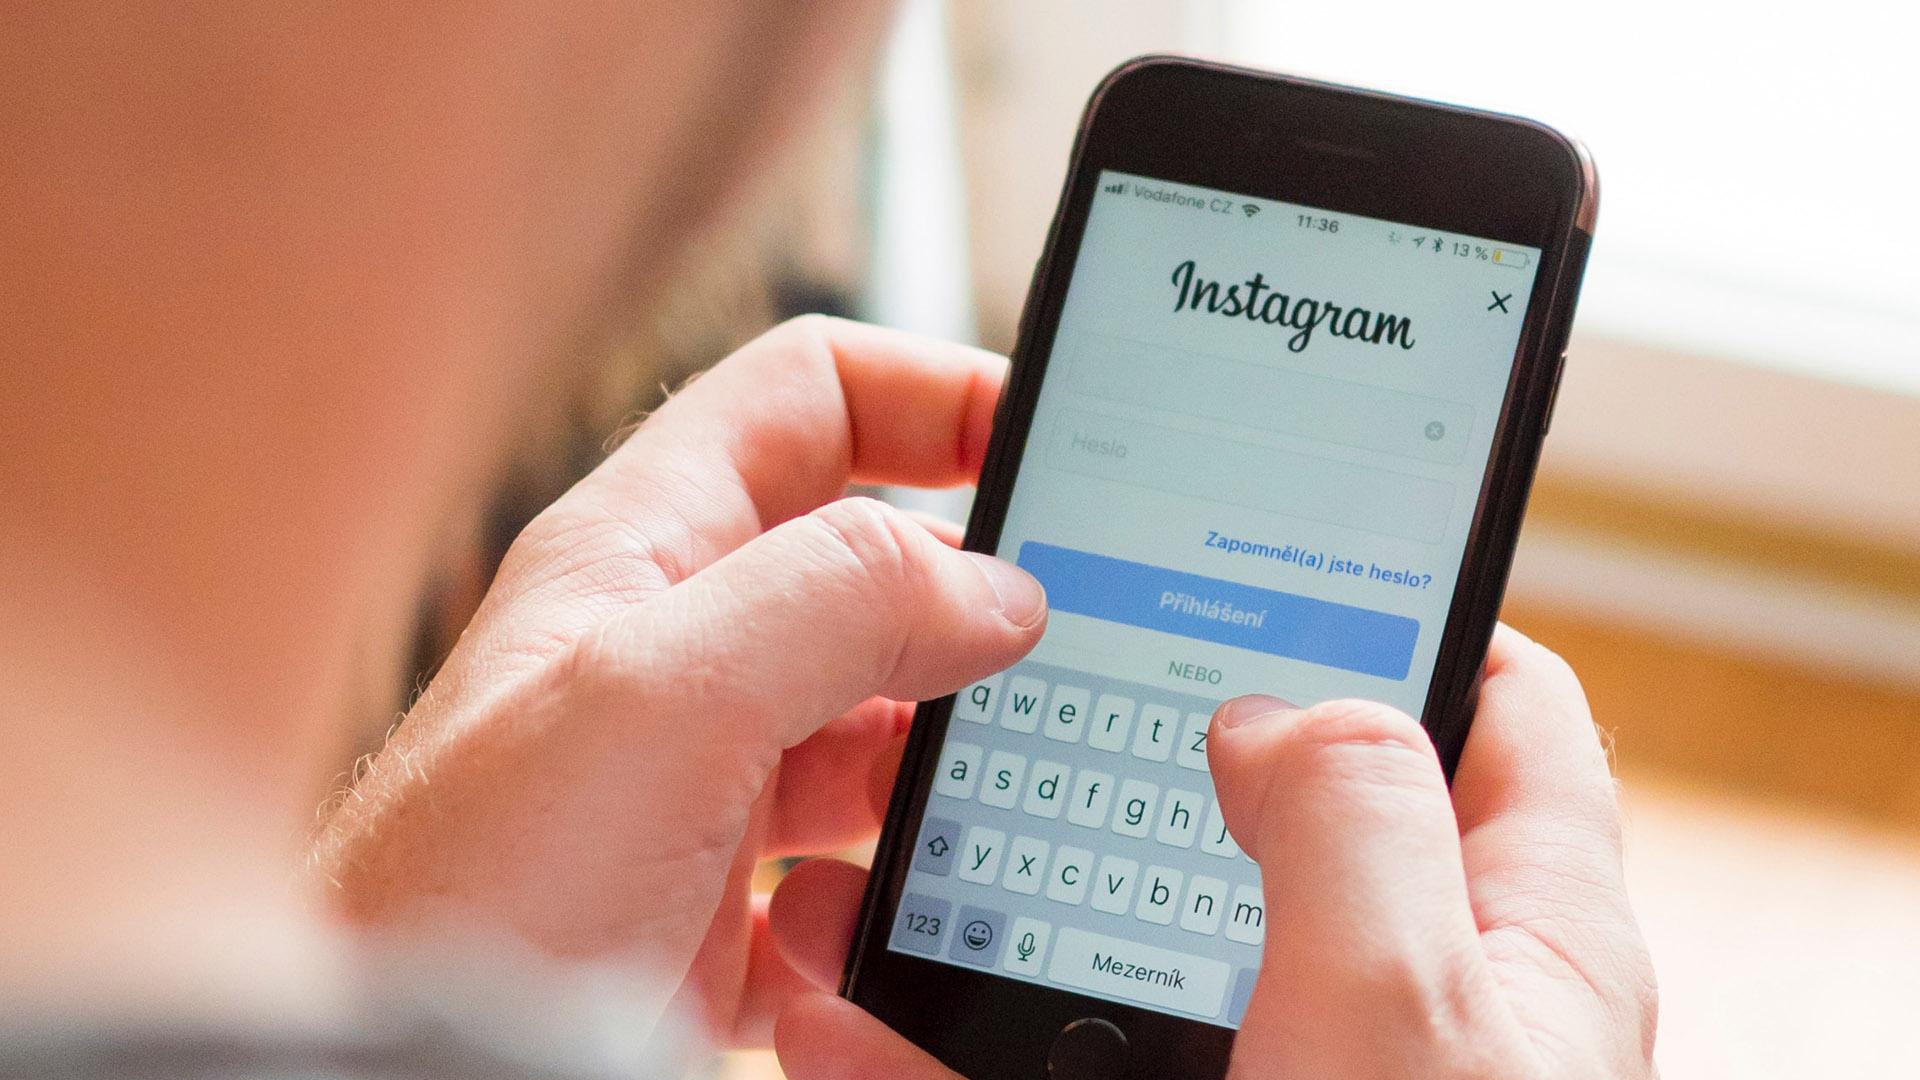 Instagram Mobile App Login Page